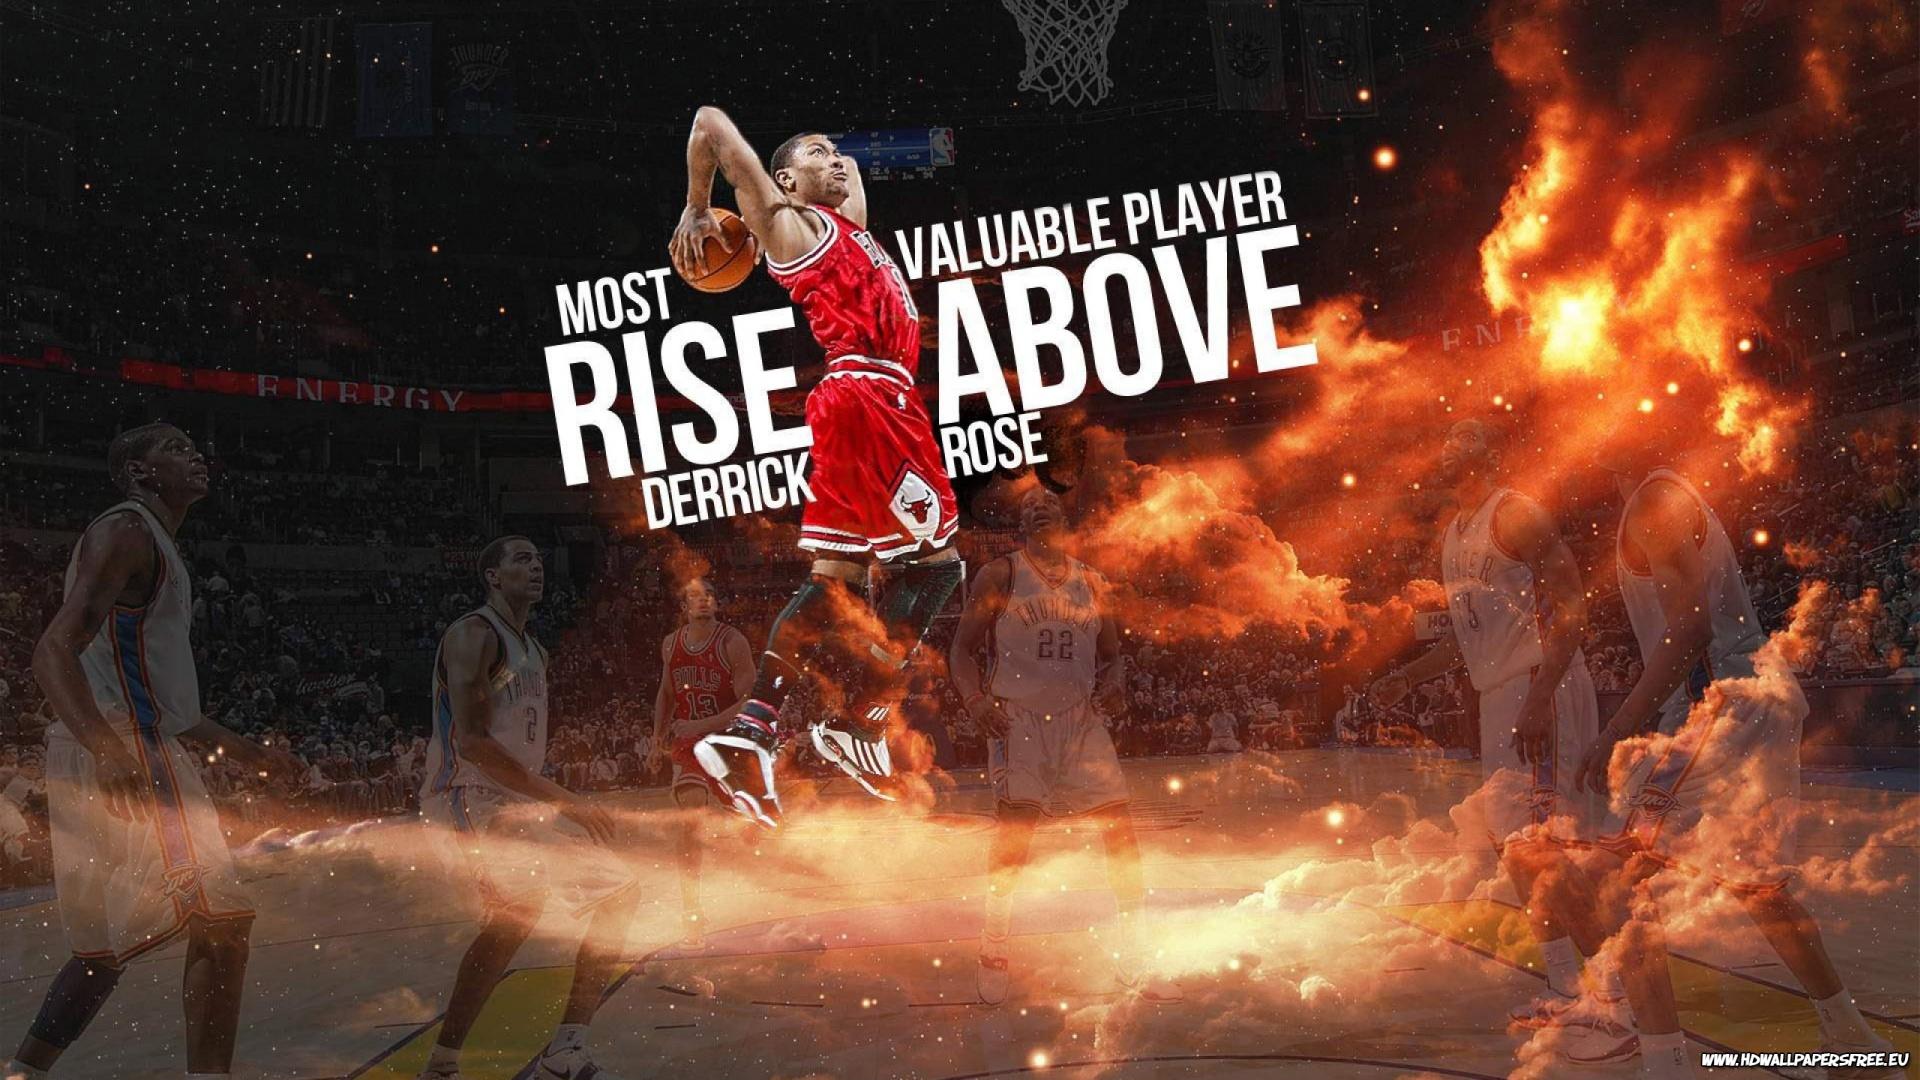 Chicago Bulls Derrick Rose Dunking Wallpaper HD 1920x1080